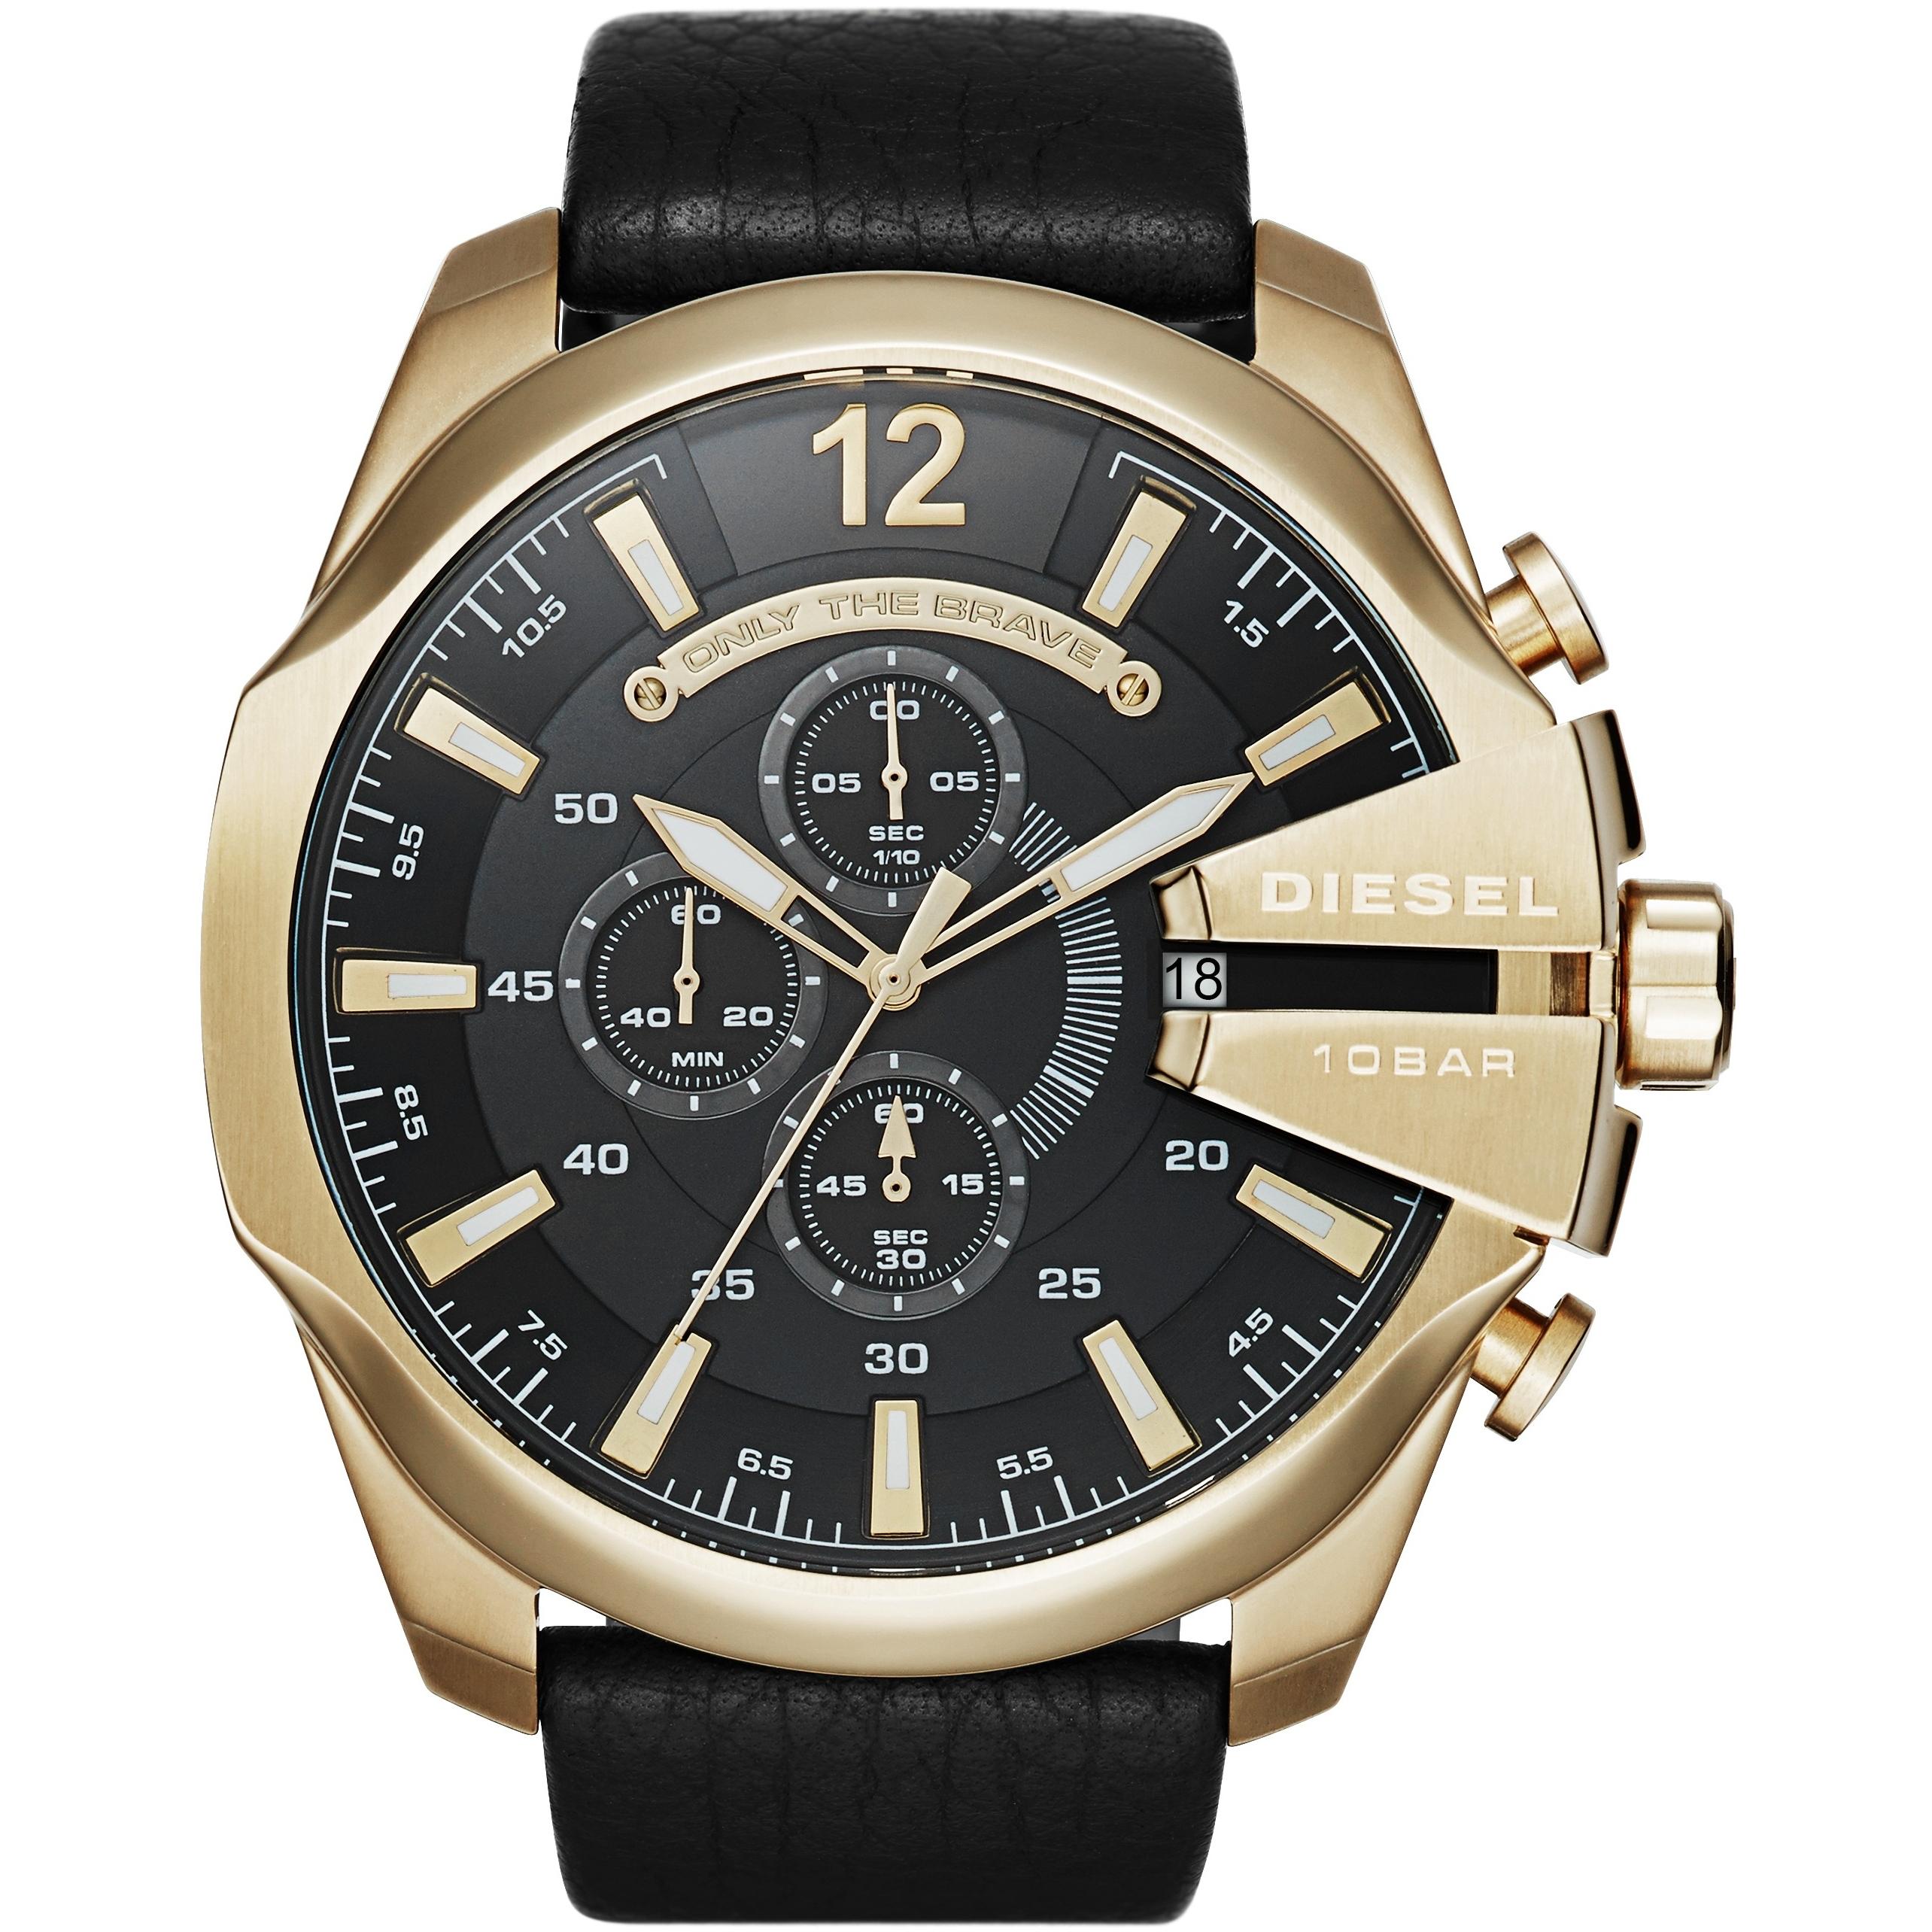 Watch 20. Diesel Mega Chief Gold Watch video